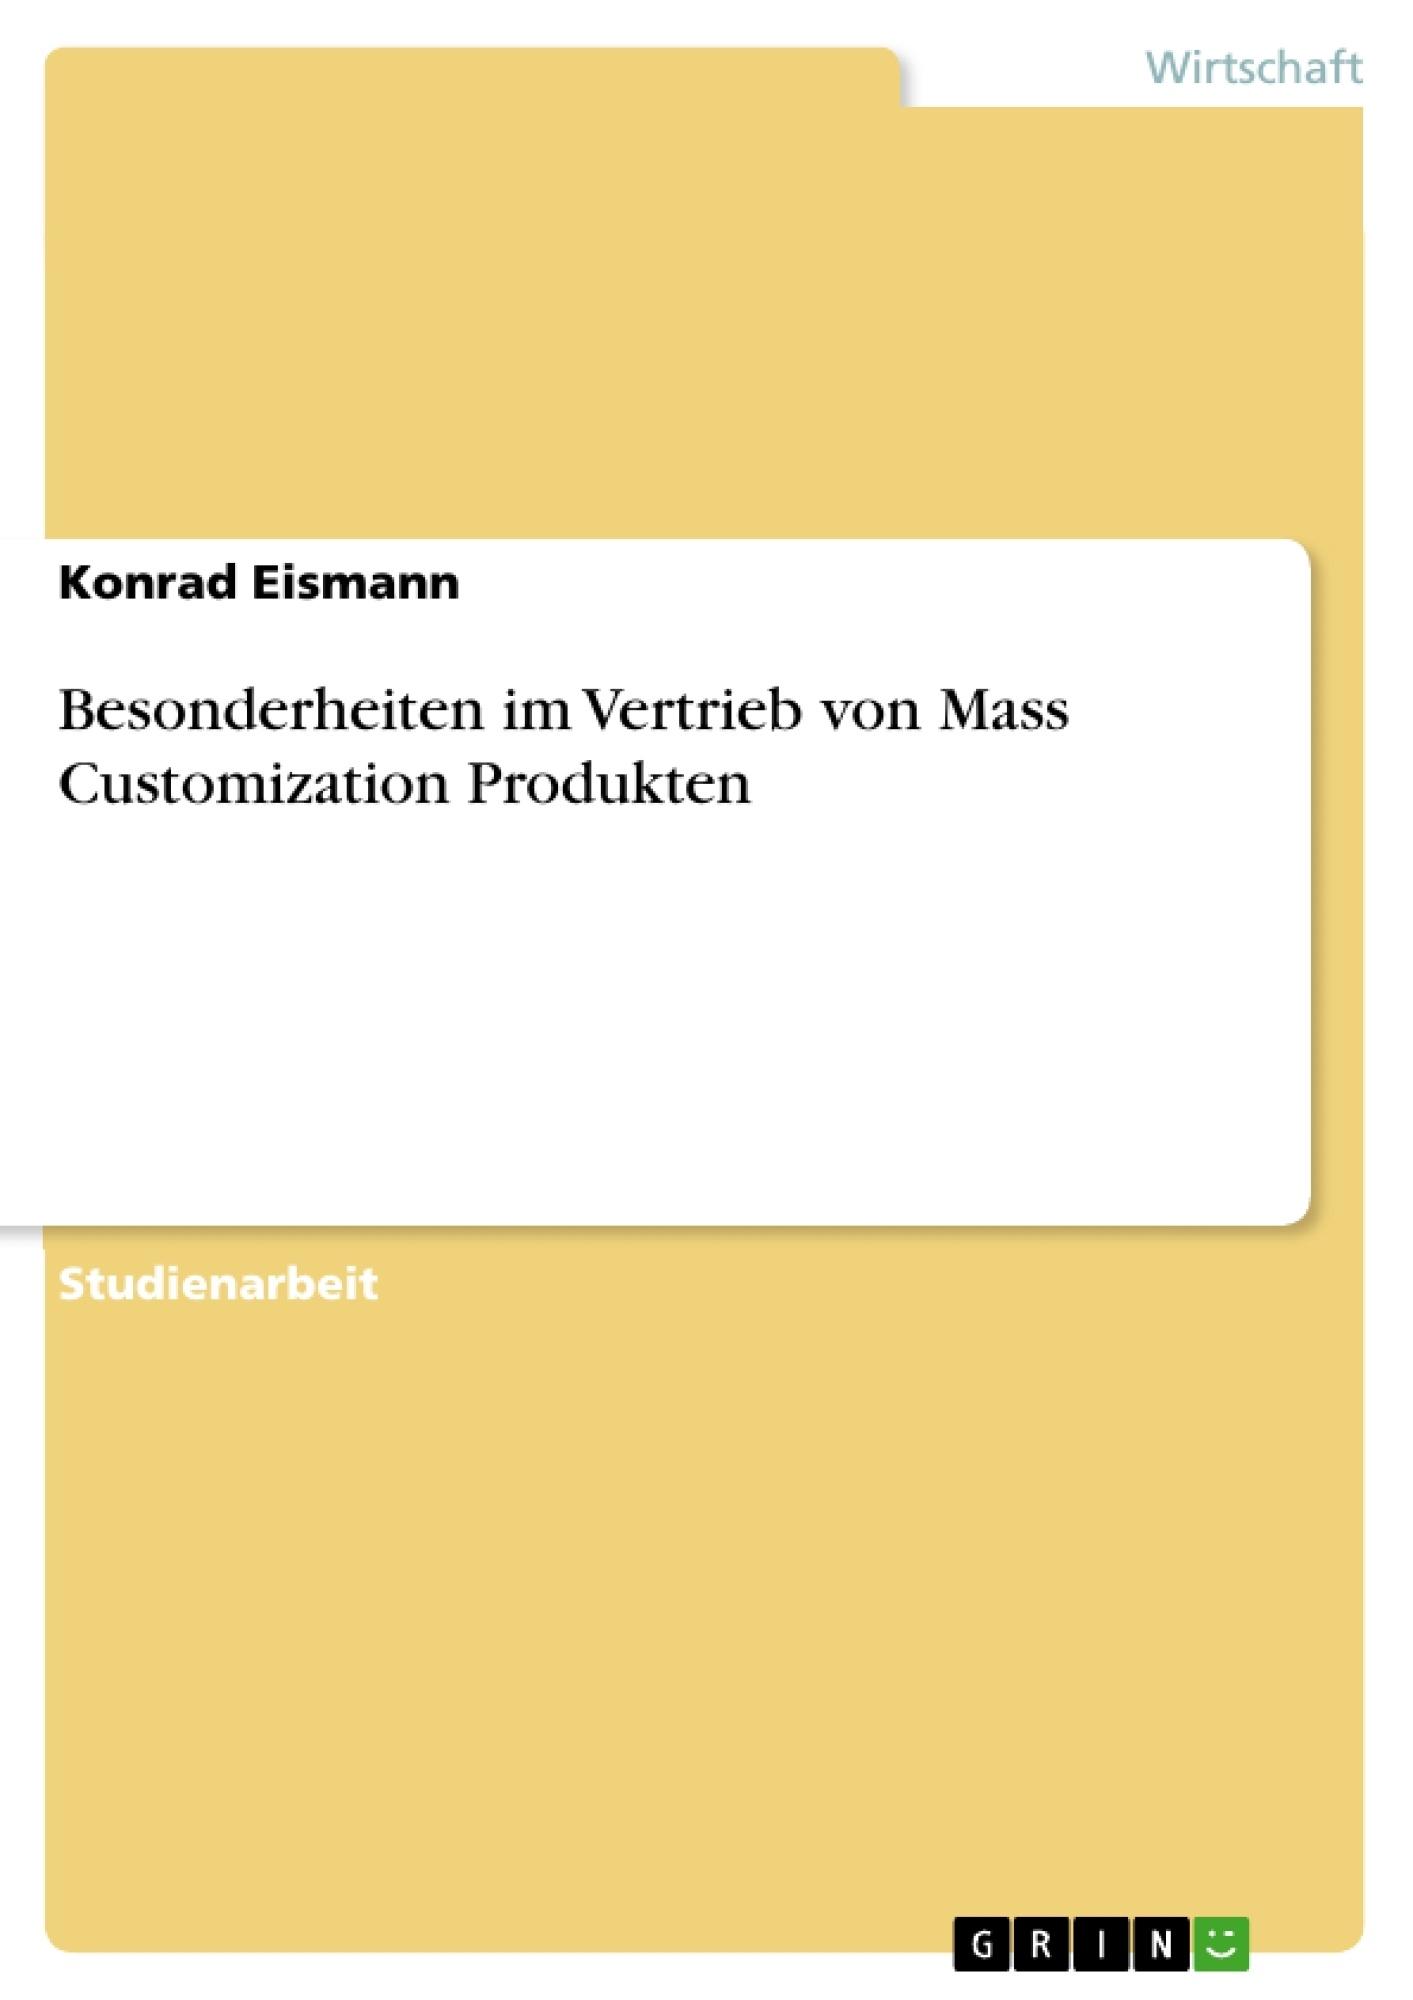 Titel: Besonderheiten im Vertrieb von Mass Customization Produkten